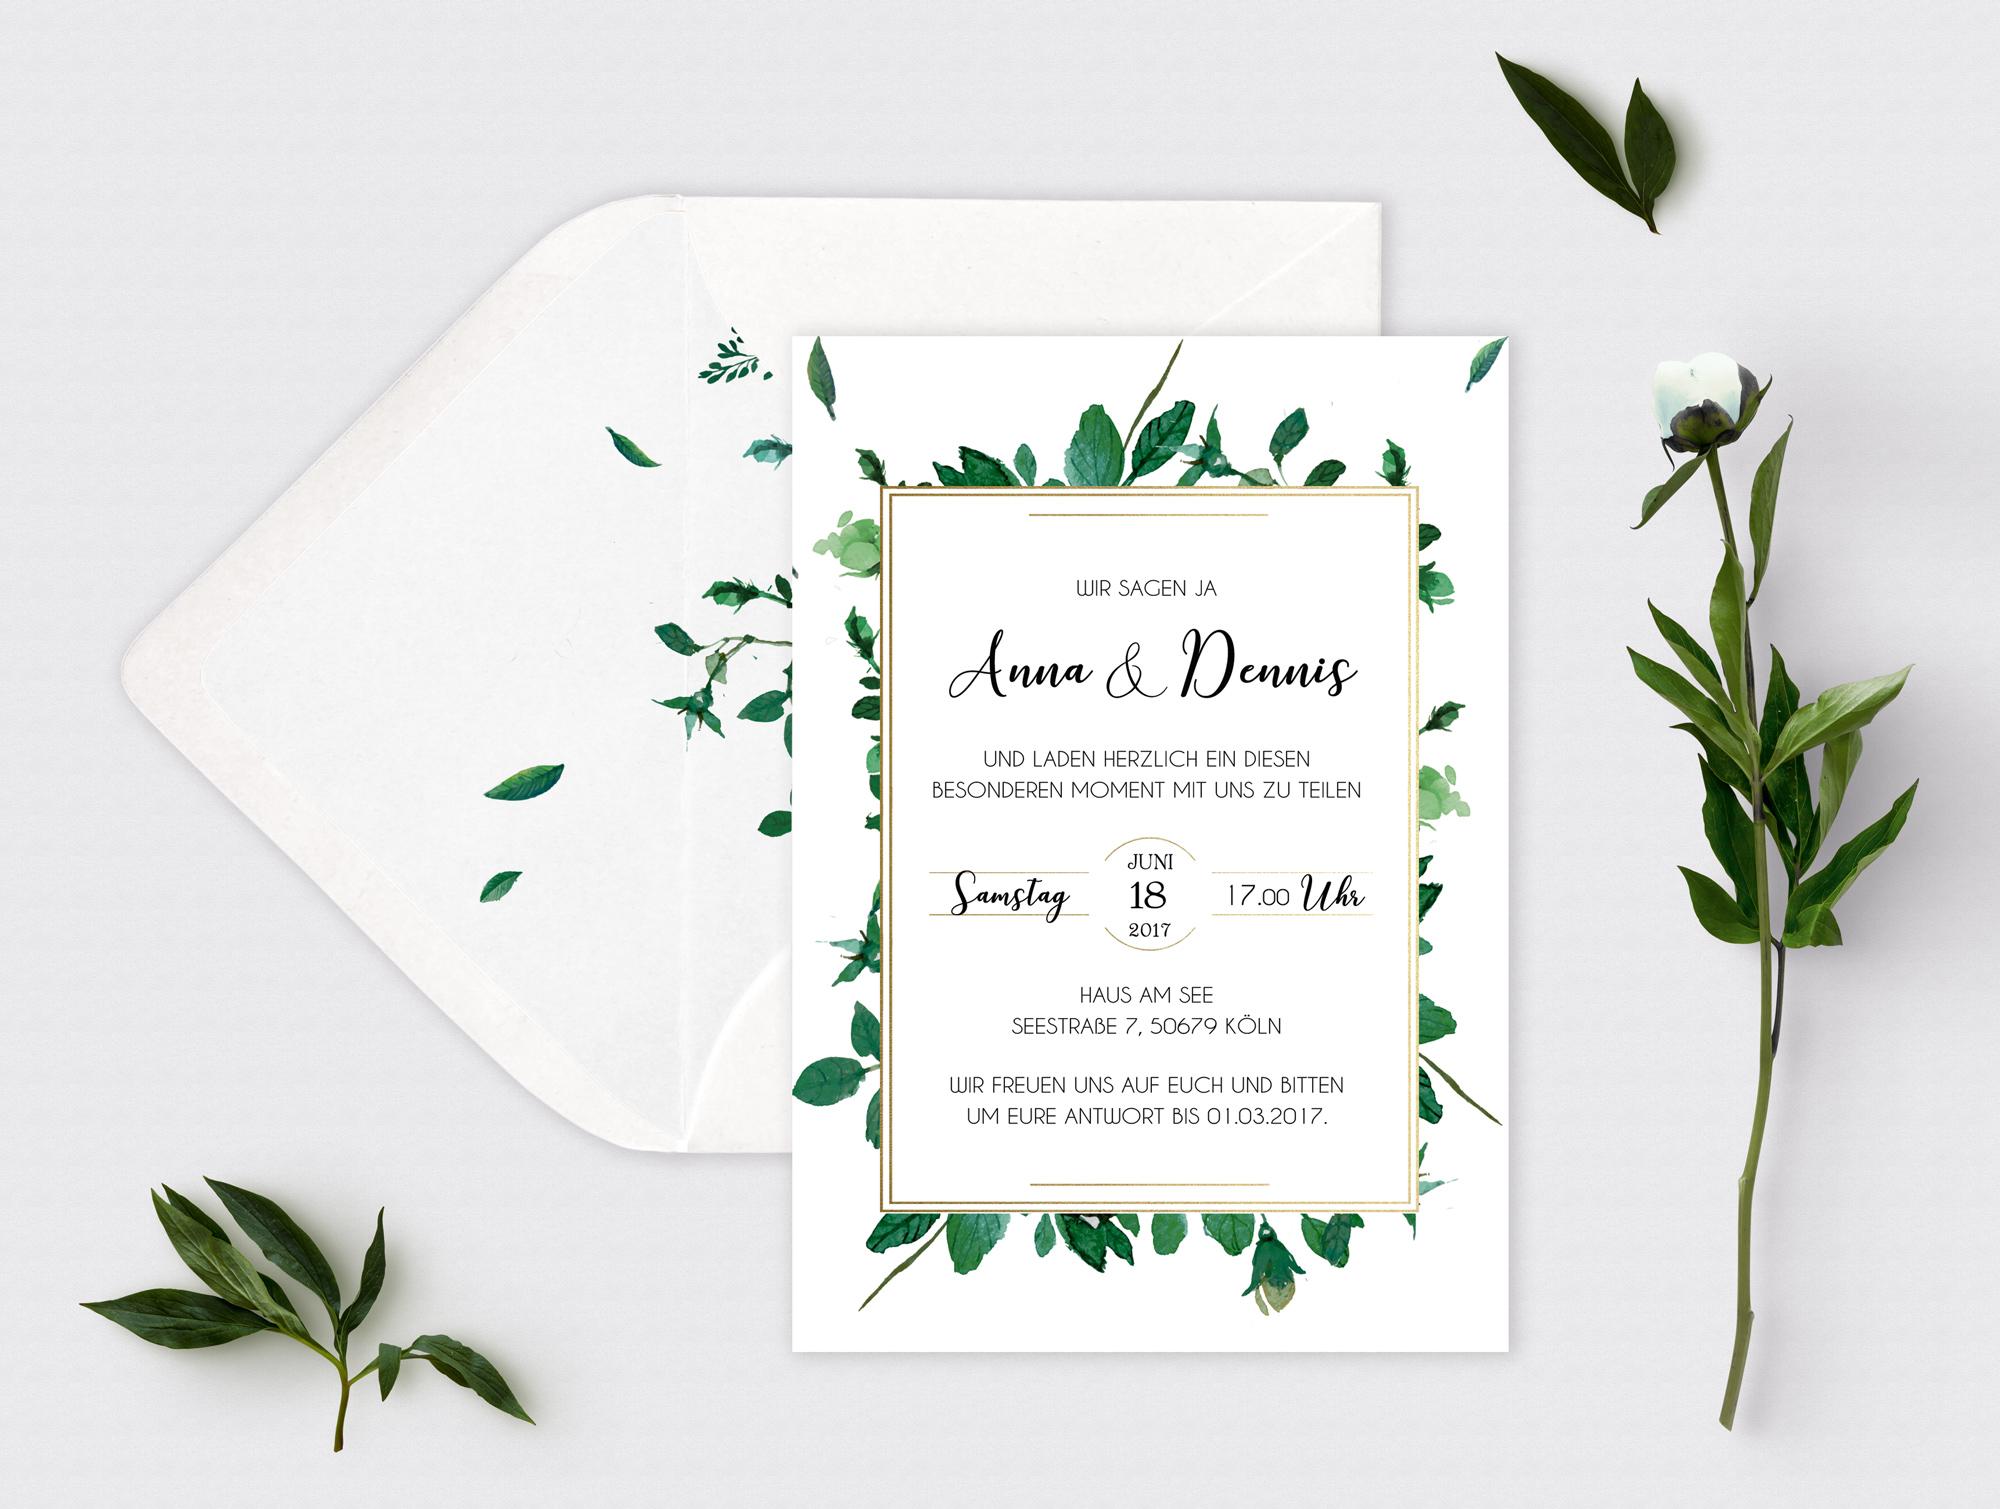 Hochzeitseinladung Greenfields